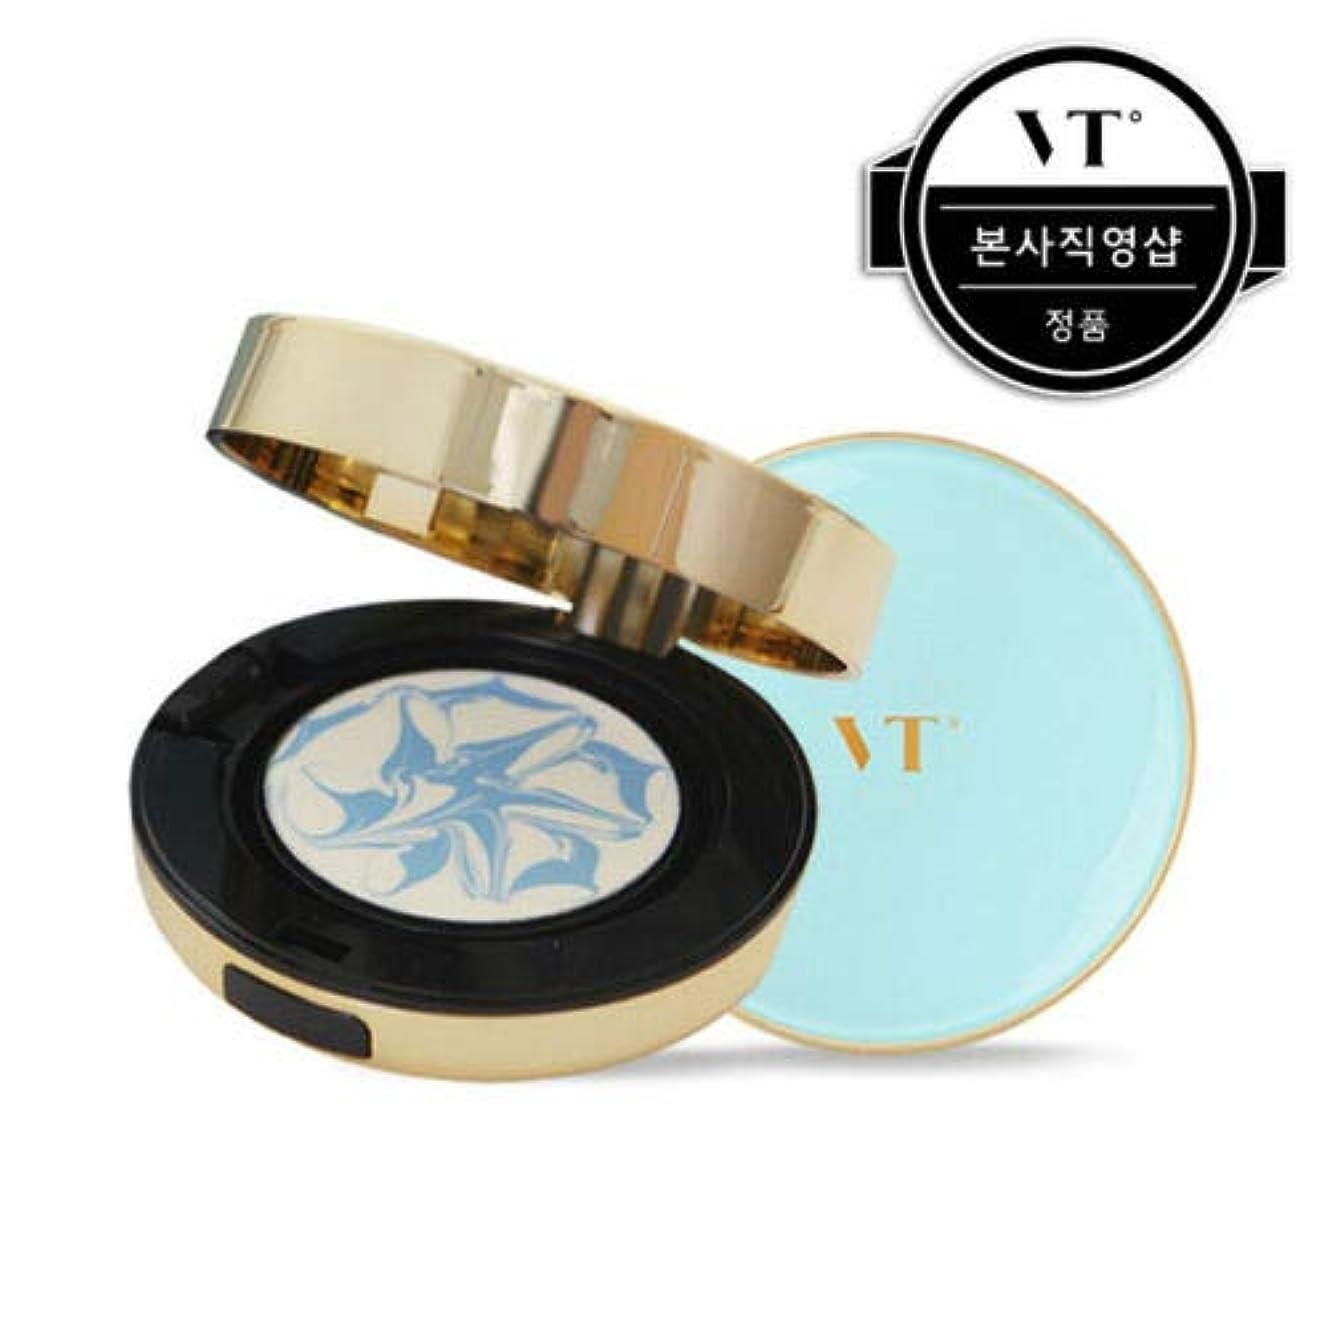 なんとなく無許可予知VT Cosmetic Essence Sun Pact エッセンス サン パクト 本品11g + リフィール 11g, SPF50+/PA+++